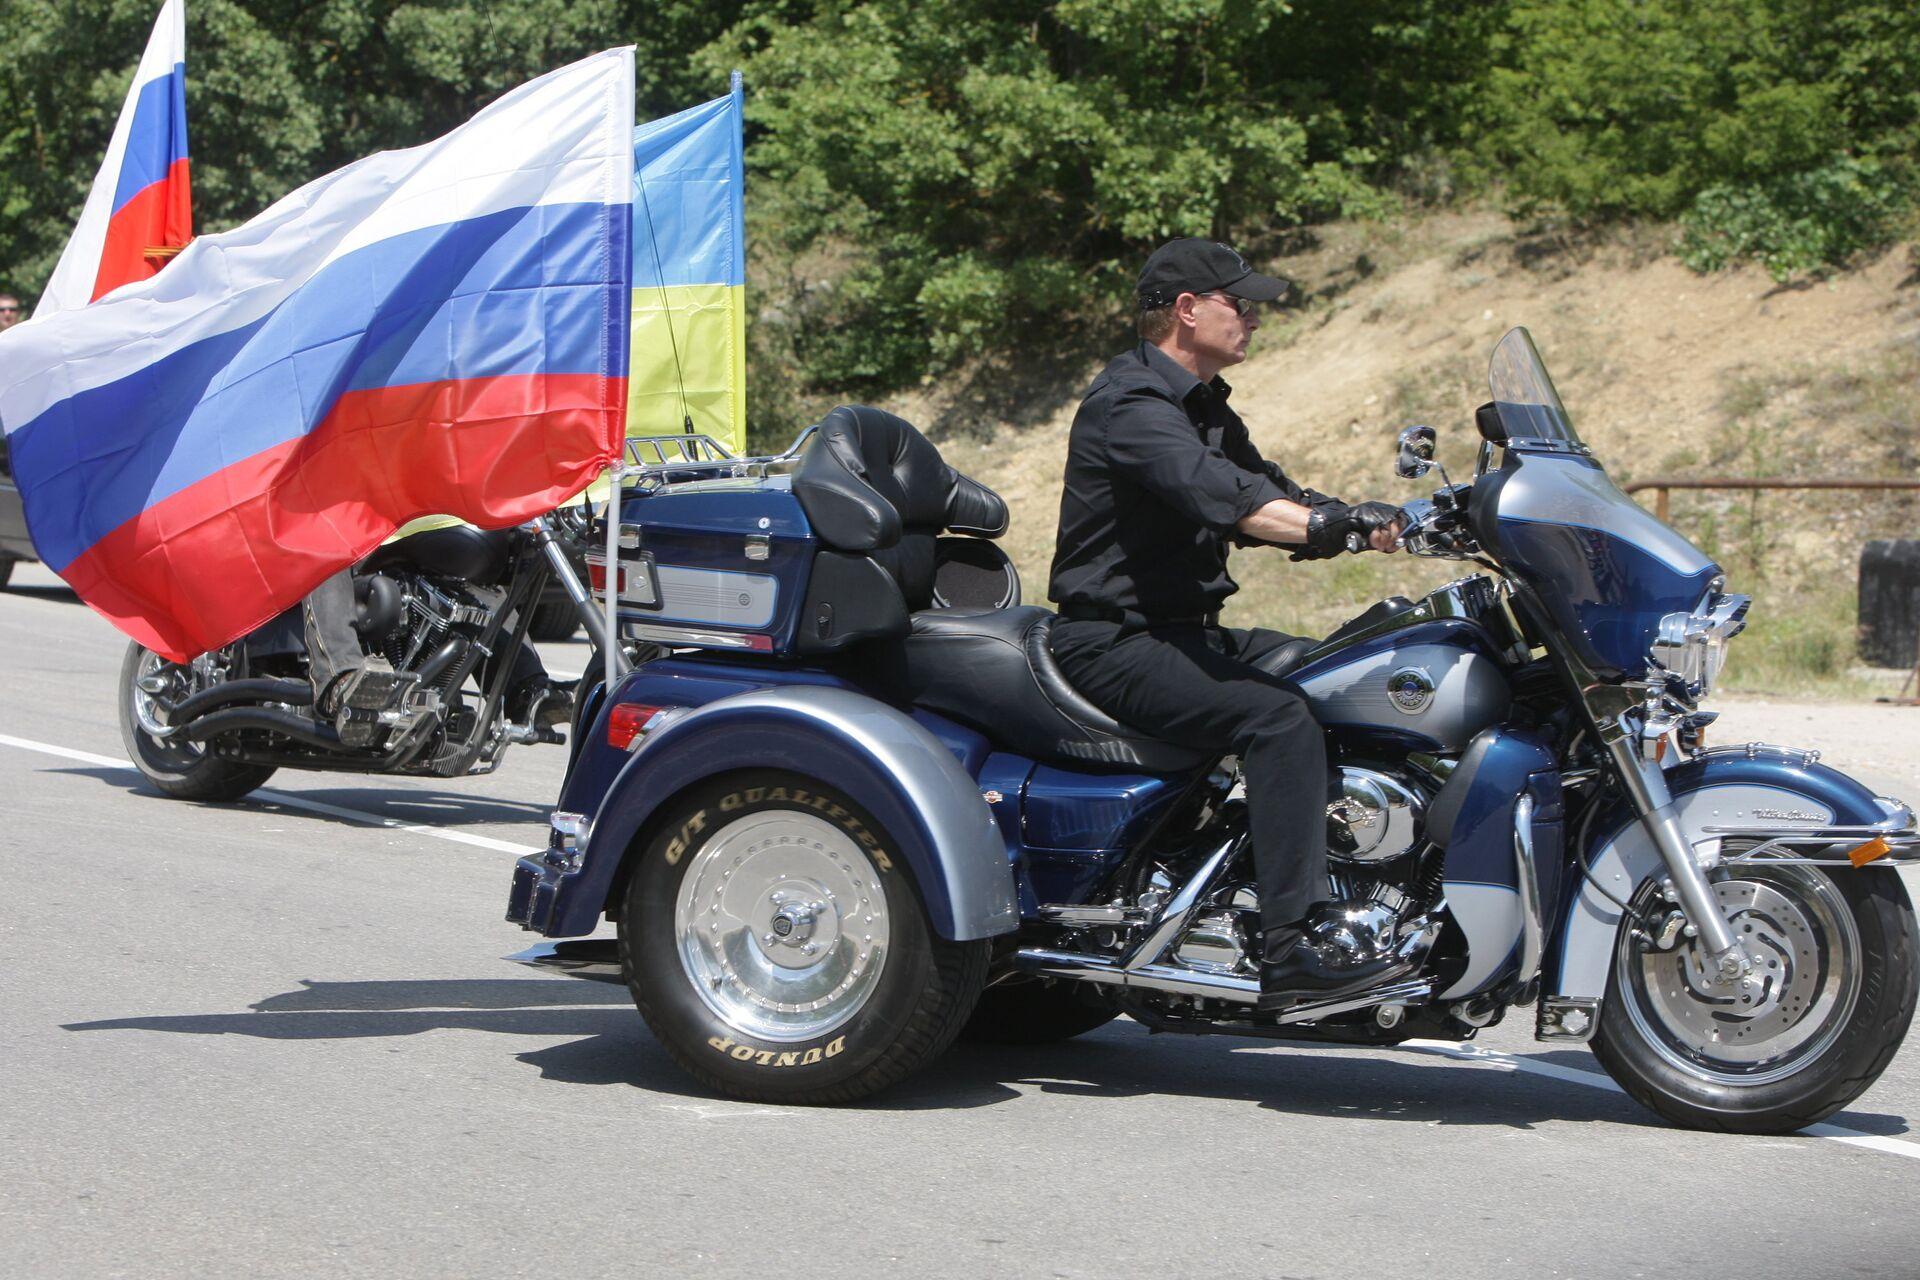 Рабочий визит Владимира Путина на Украину 24 июля 2010 года - последние  новости сегодня - РИА Новости